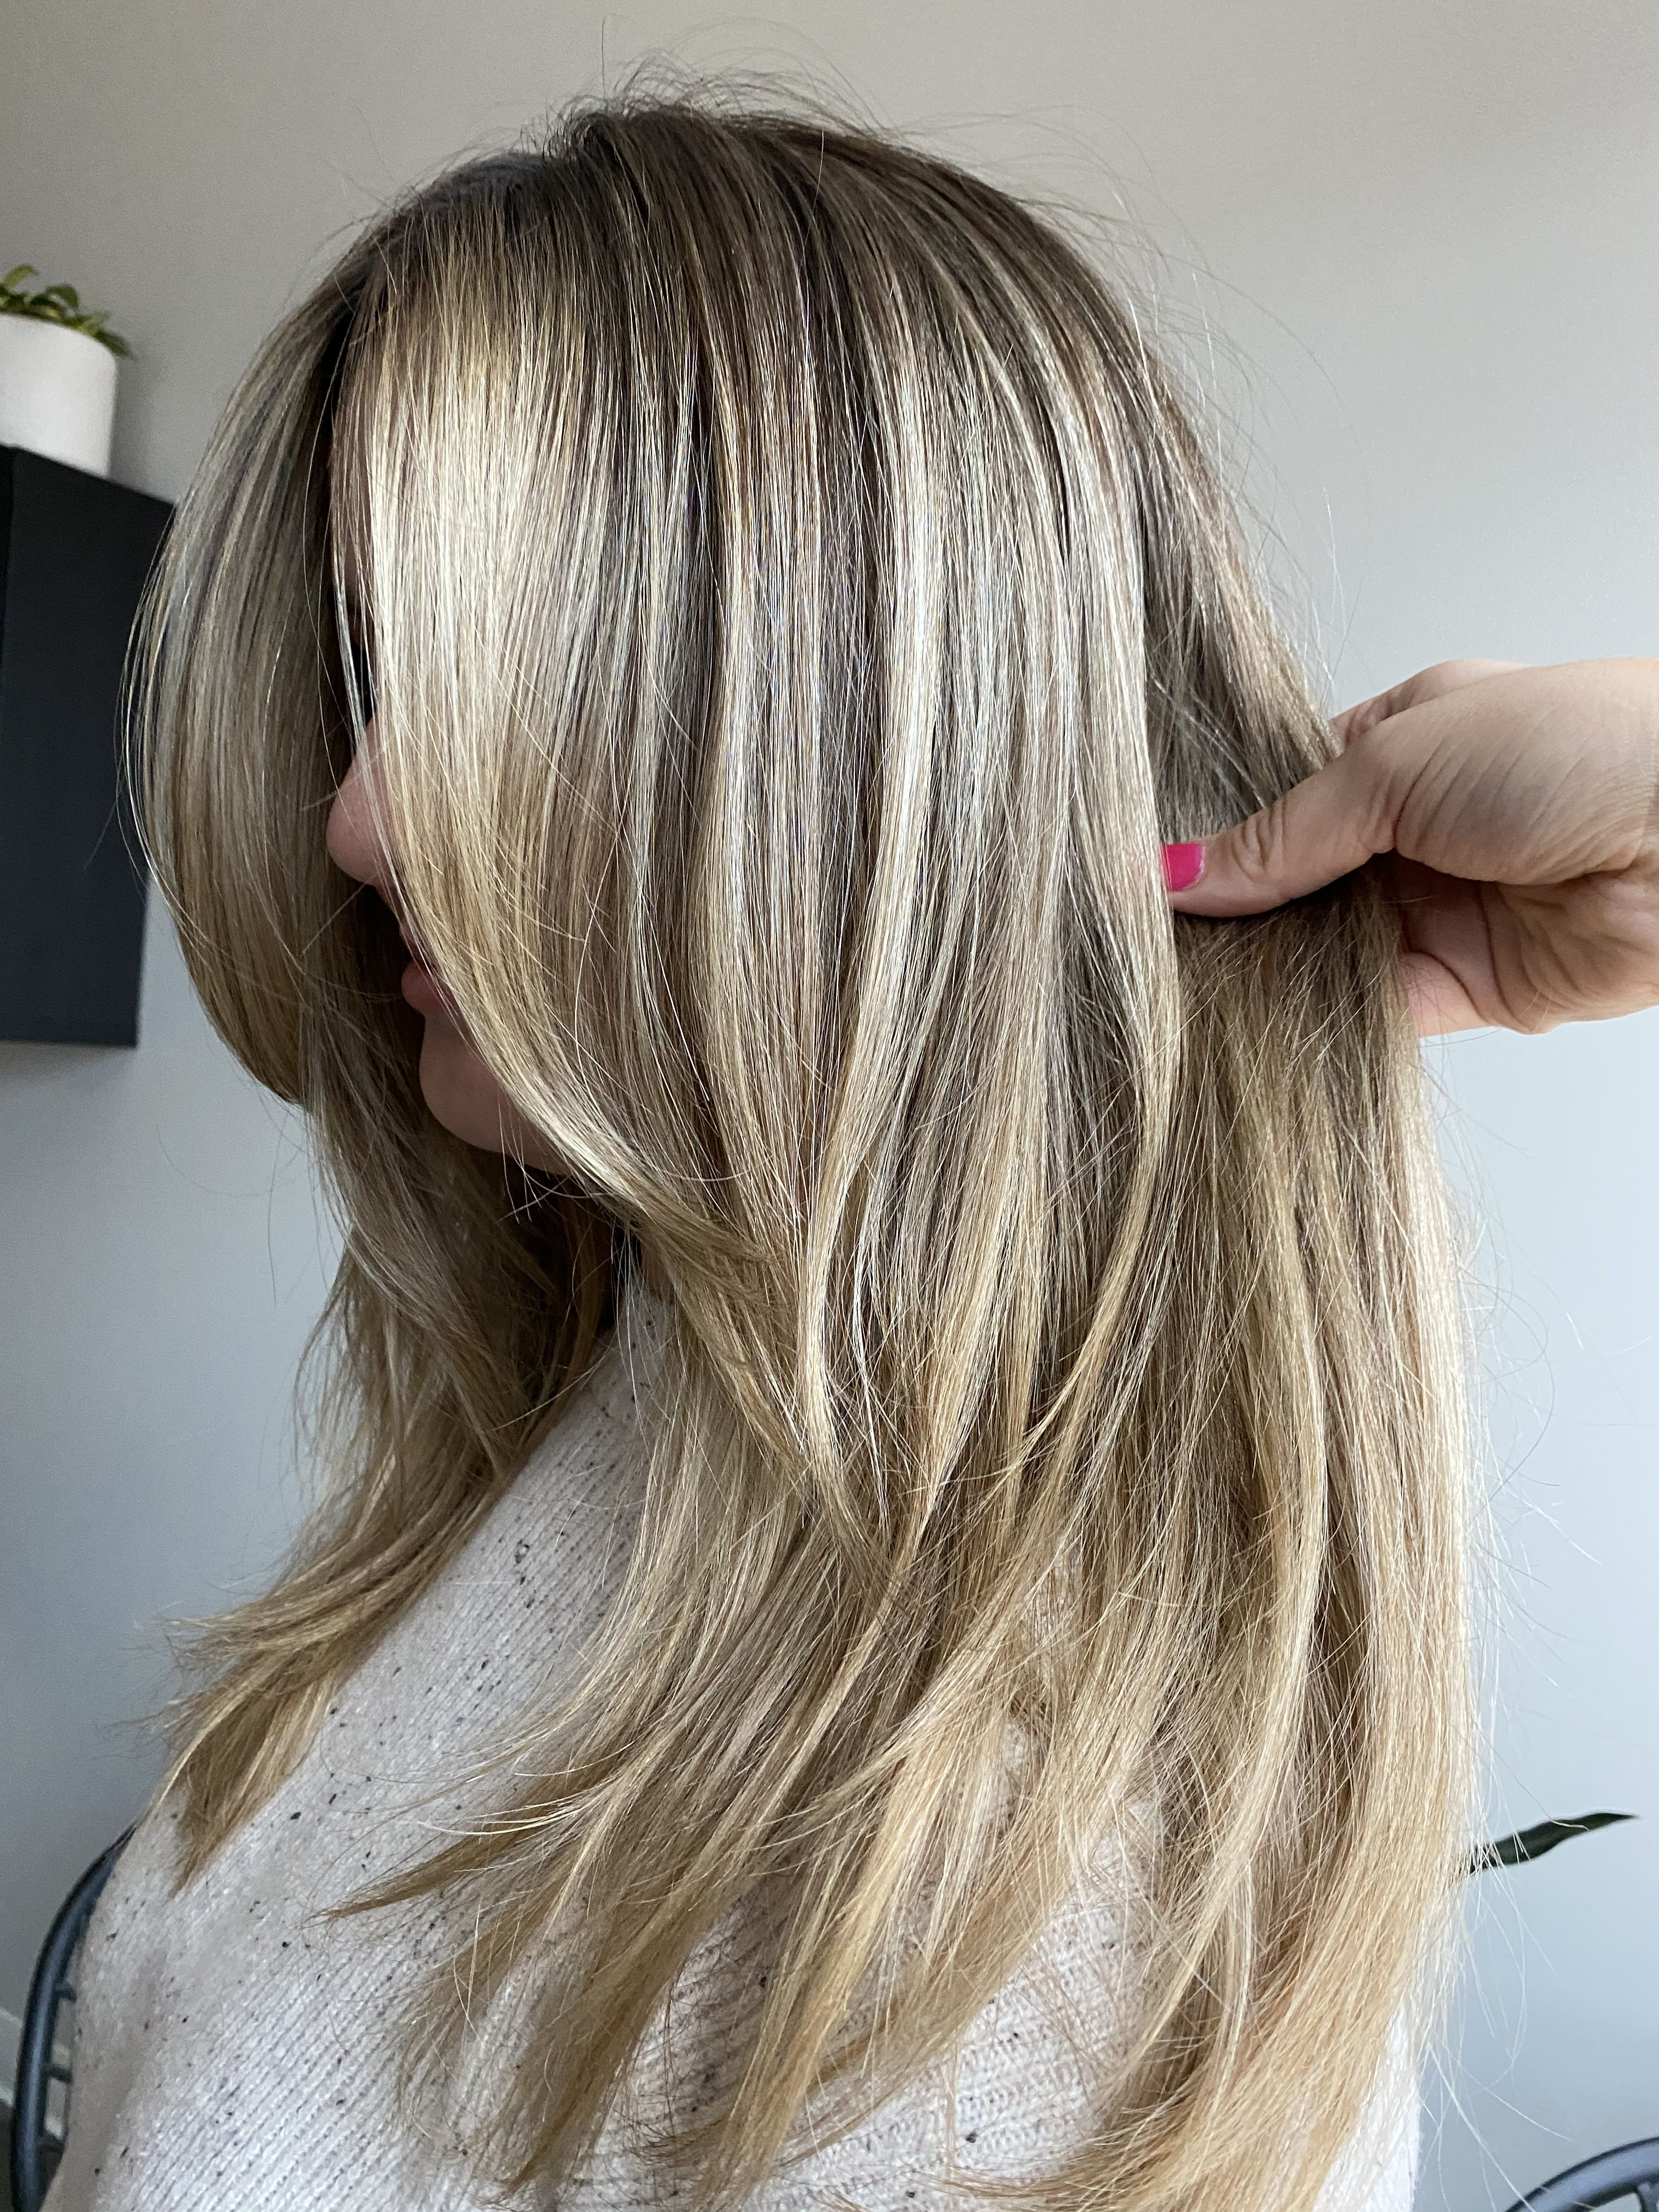 Modern Shag Haircut In 2020 Haircuts For Long Hair With Layers Haircuts For Medium Hair Face Framing Hair